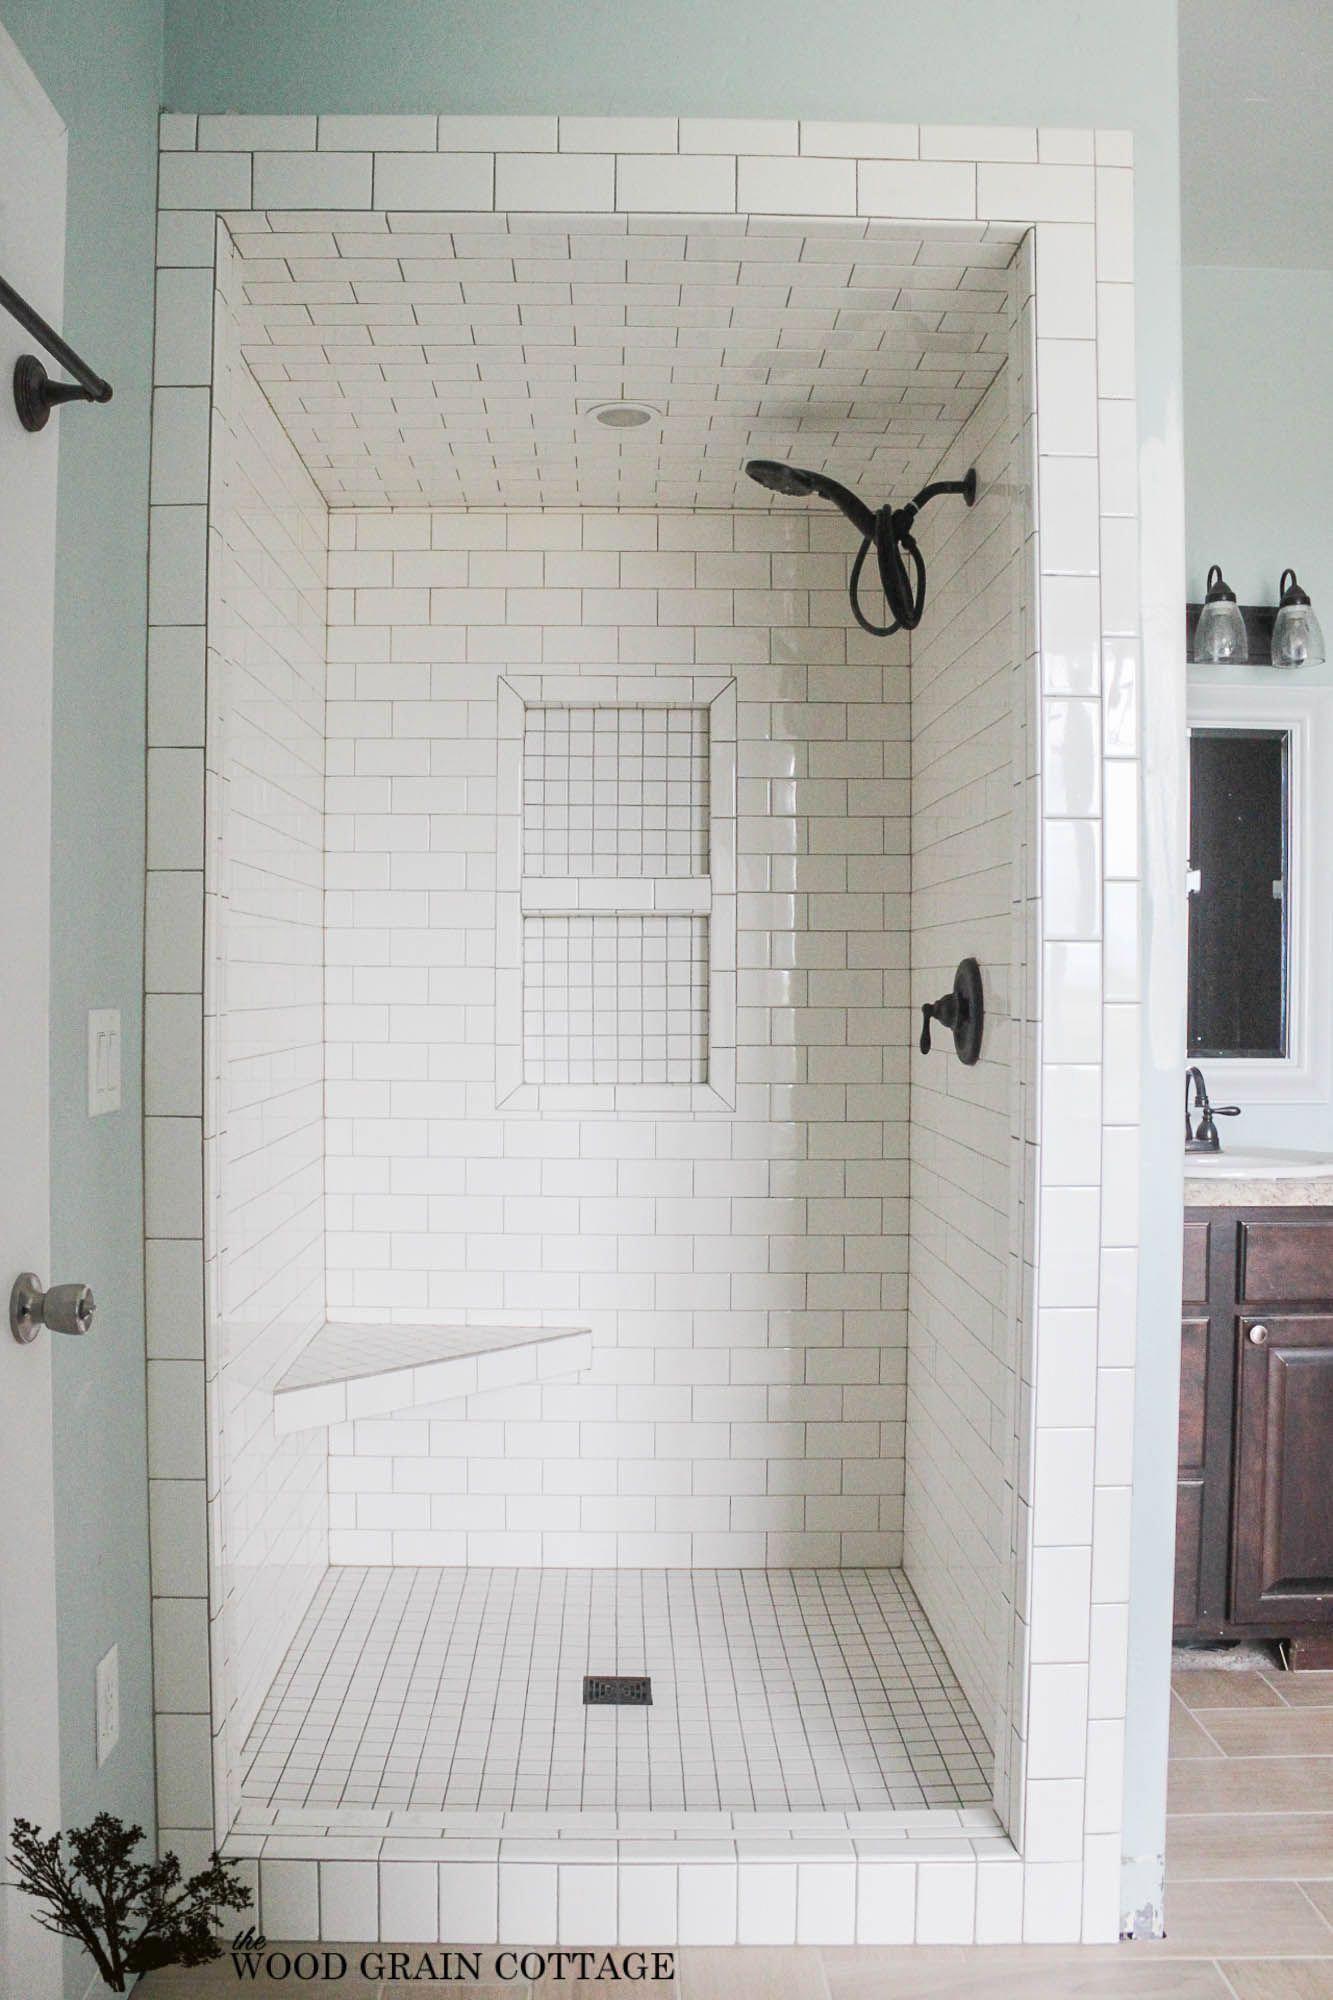 Choosing A New Shower Stall Shower Tile Mold In Bathroom Bathroom Shower Tile